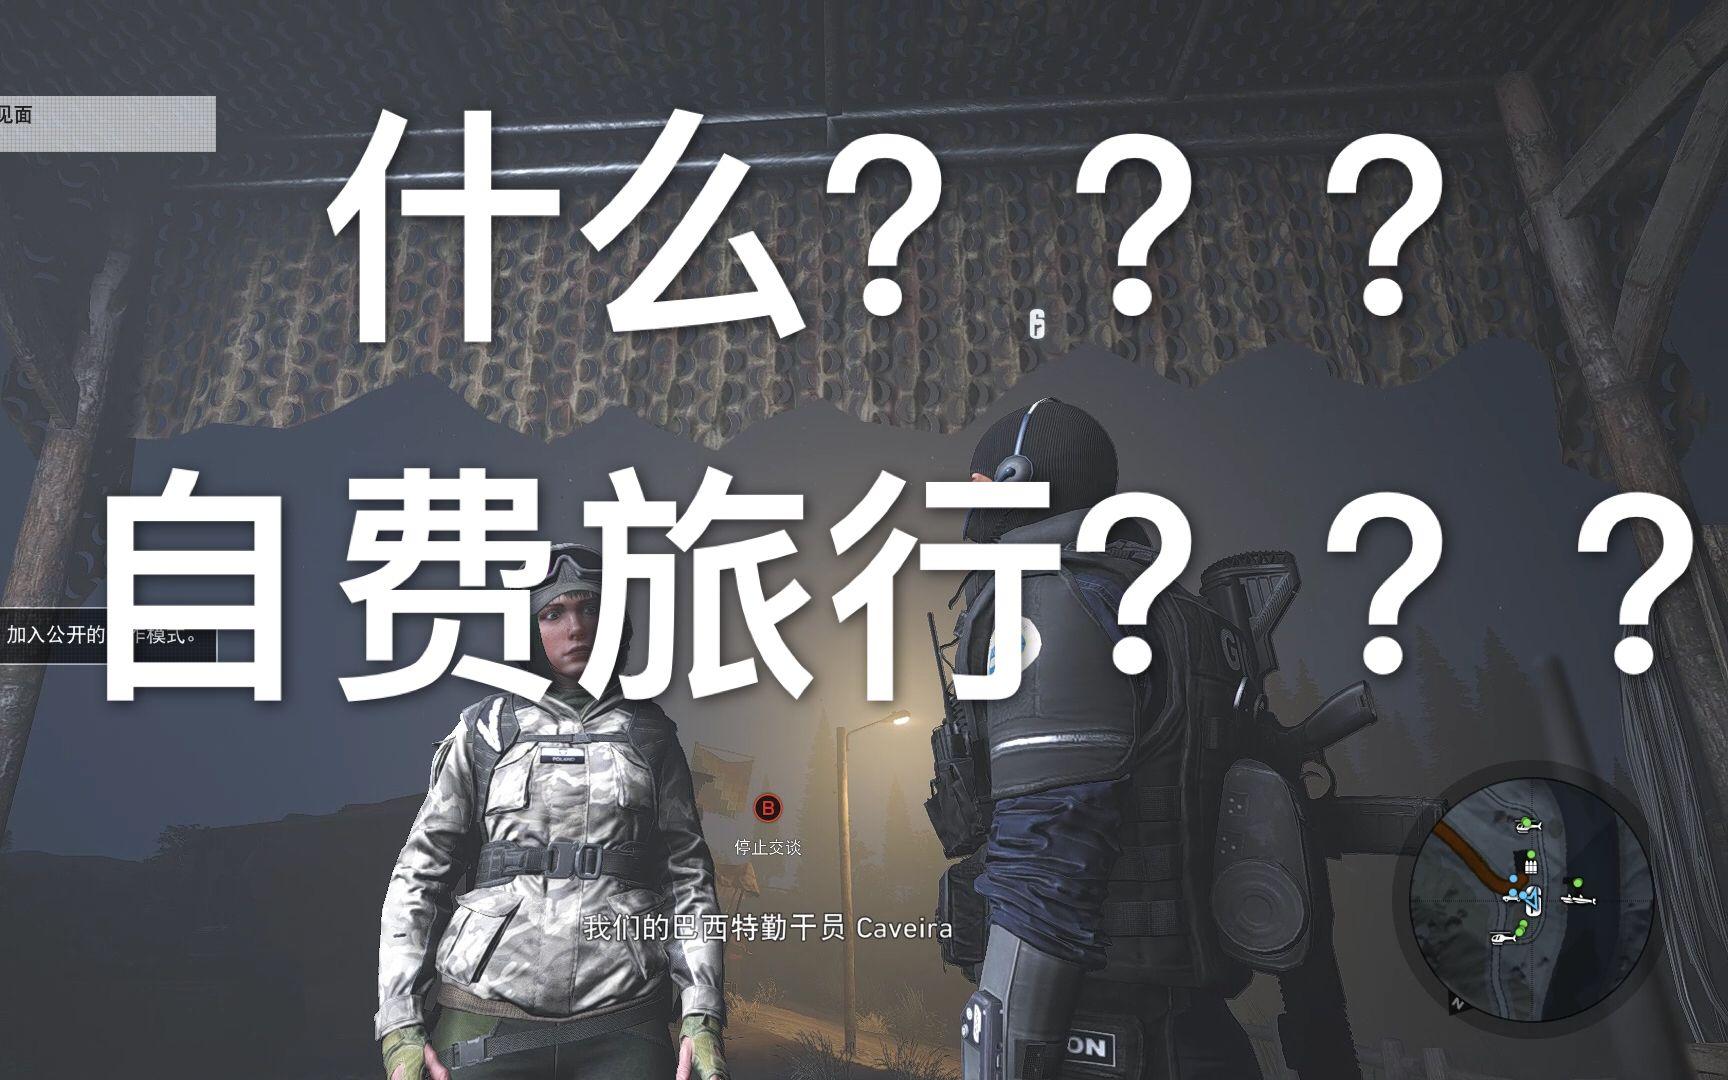 【幽灵行动:荒野】彩虹六号联合行动揭秘ELA不堪回首的过去!!!???